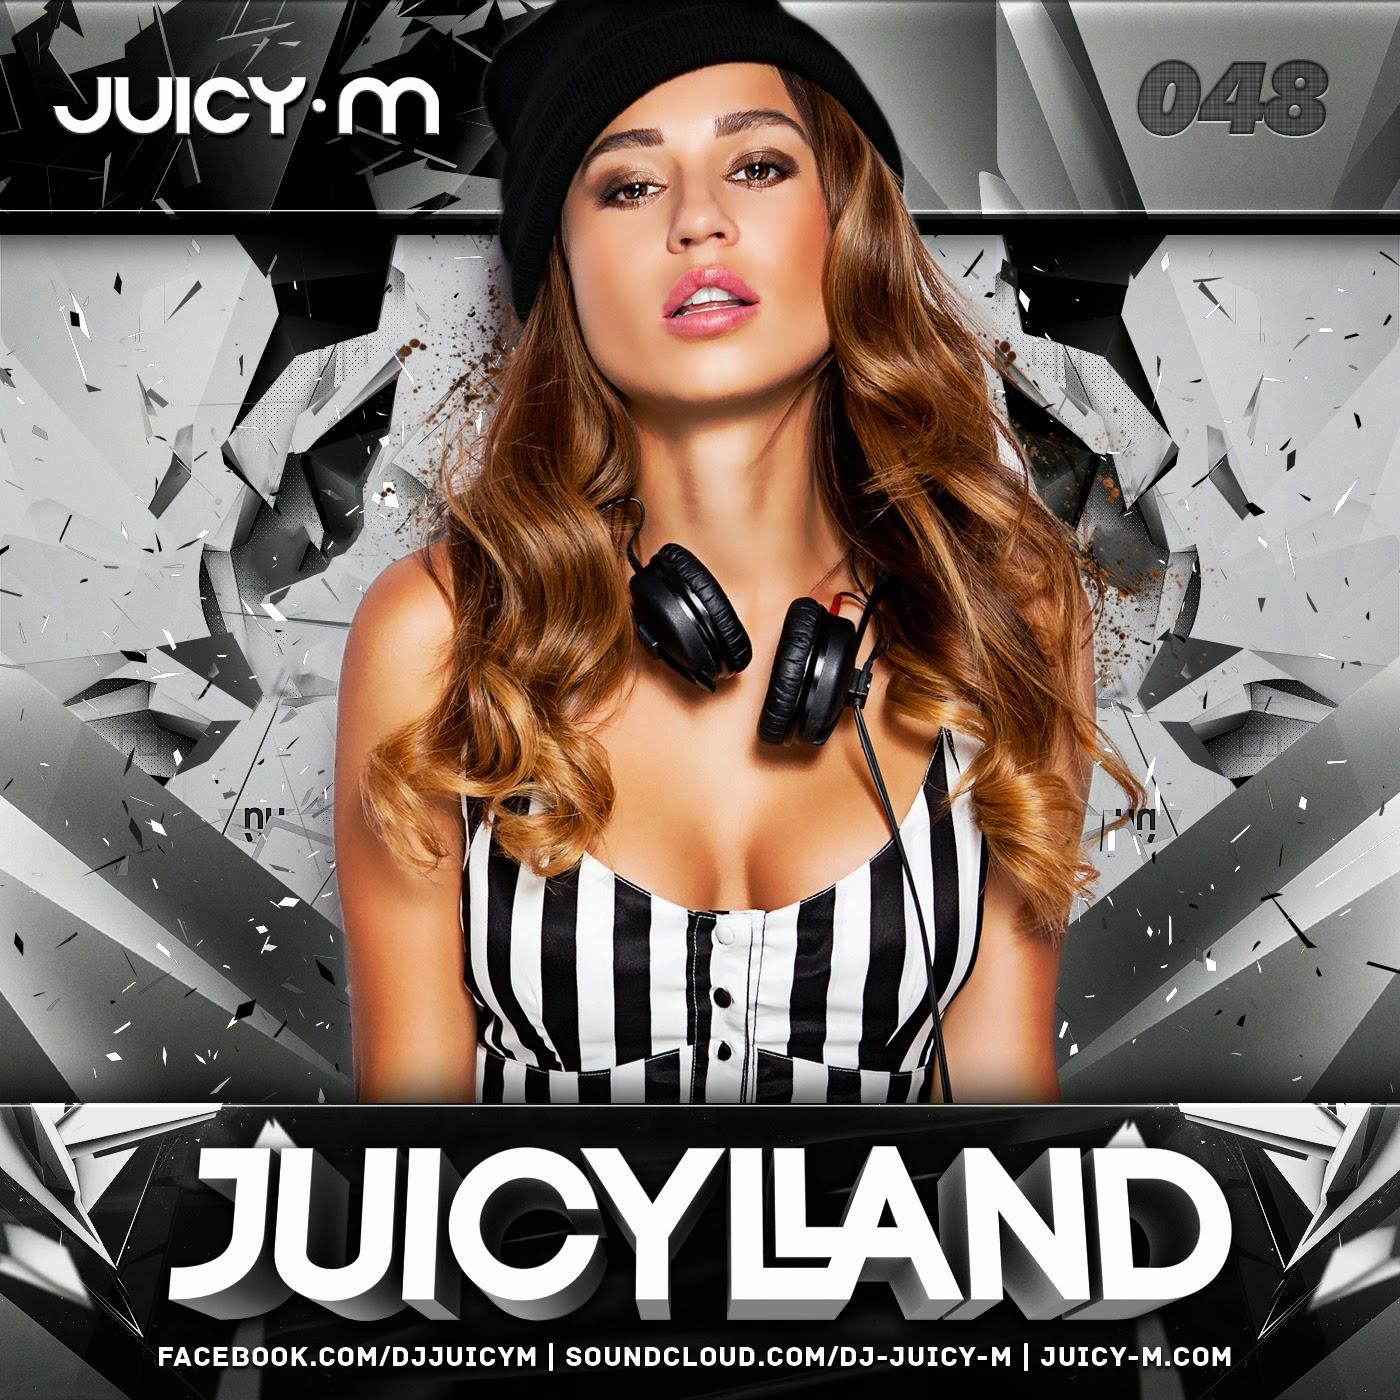 DJ Juicy M - JuicyLand #048